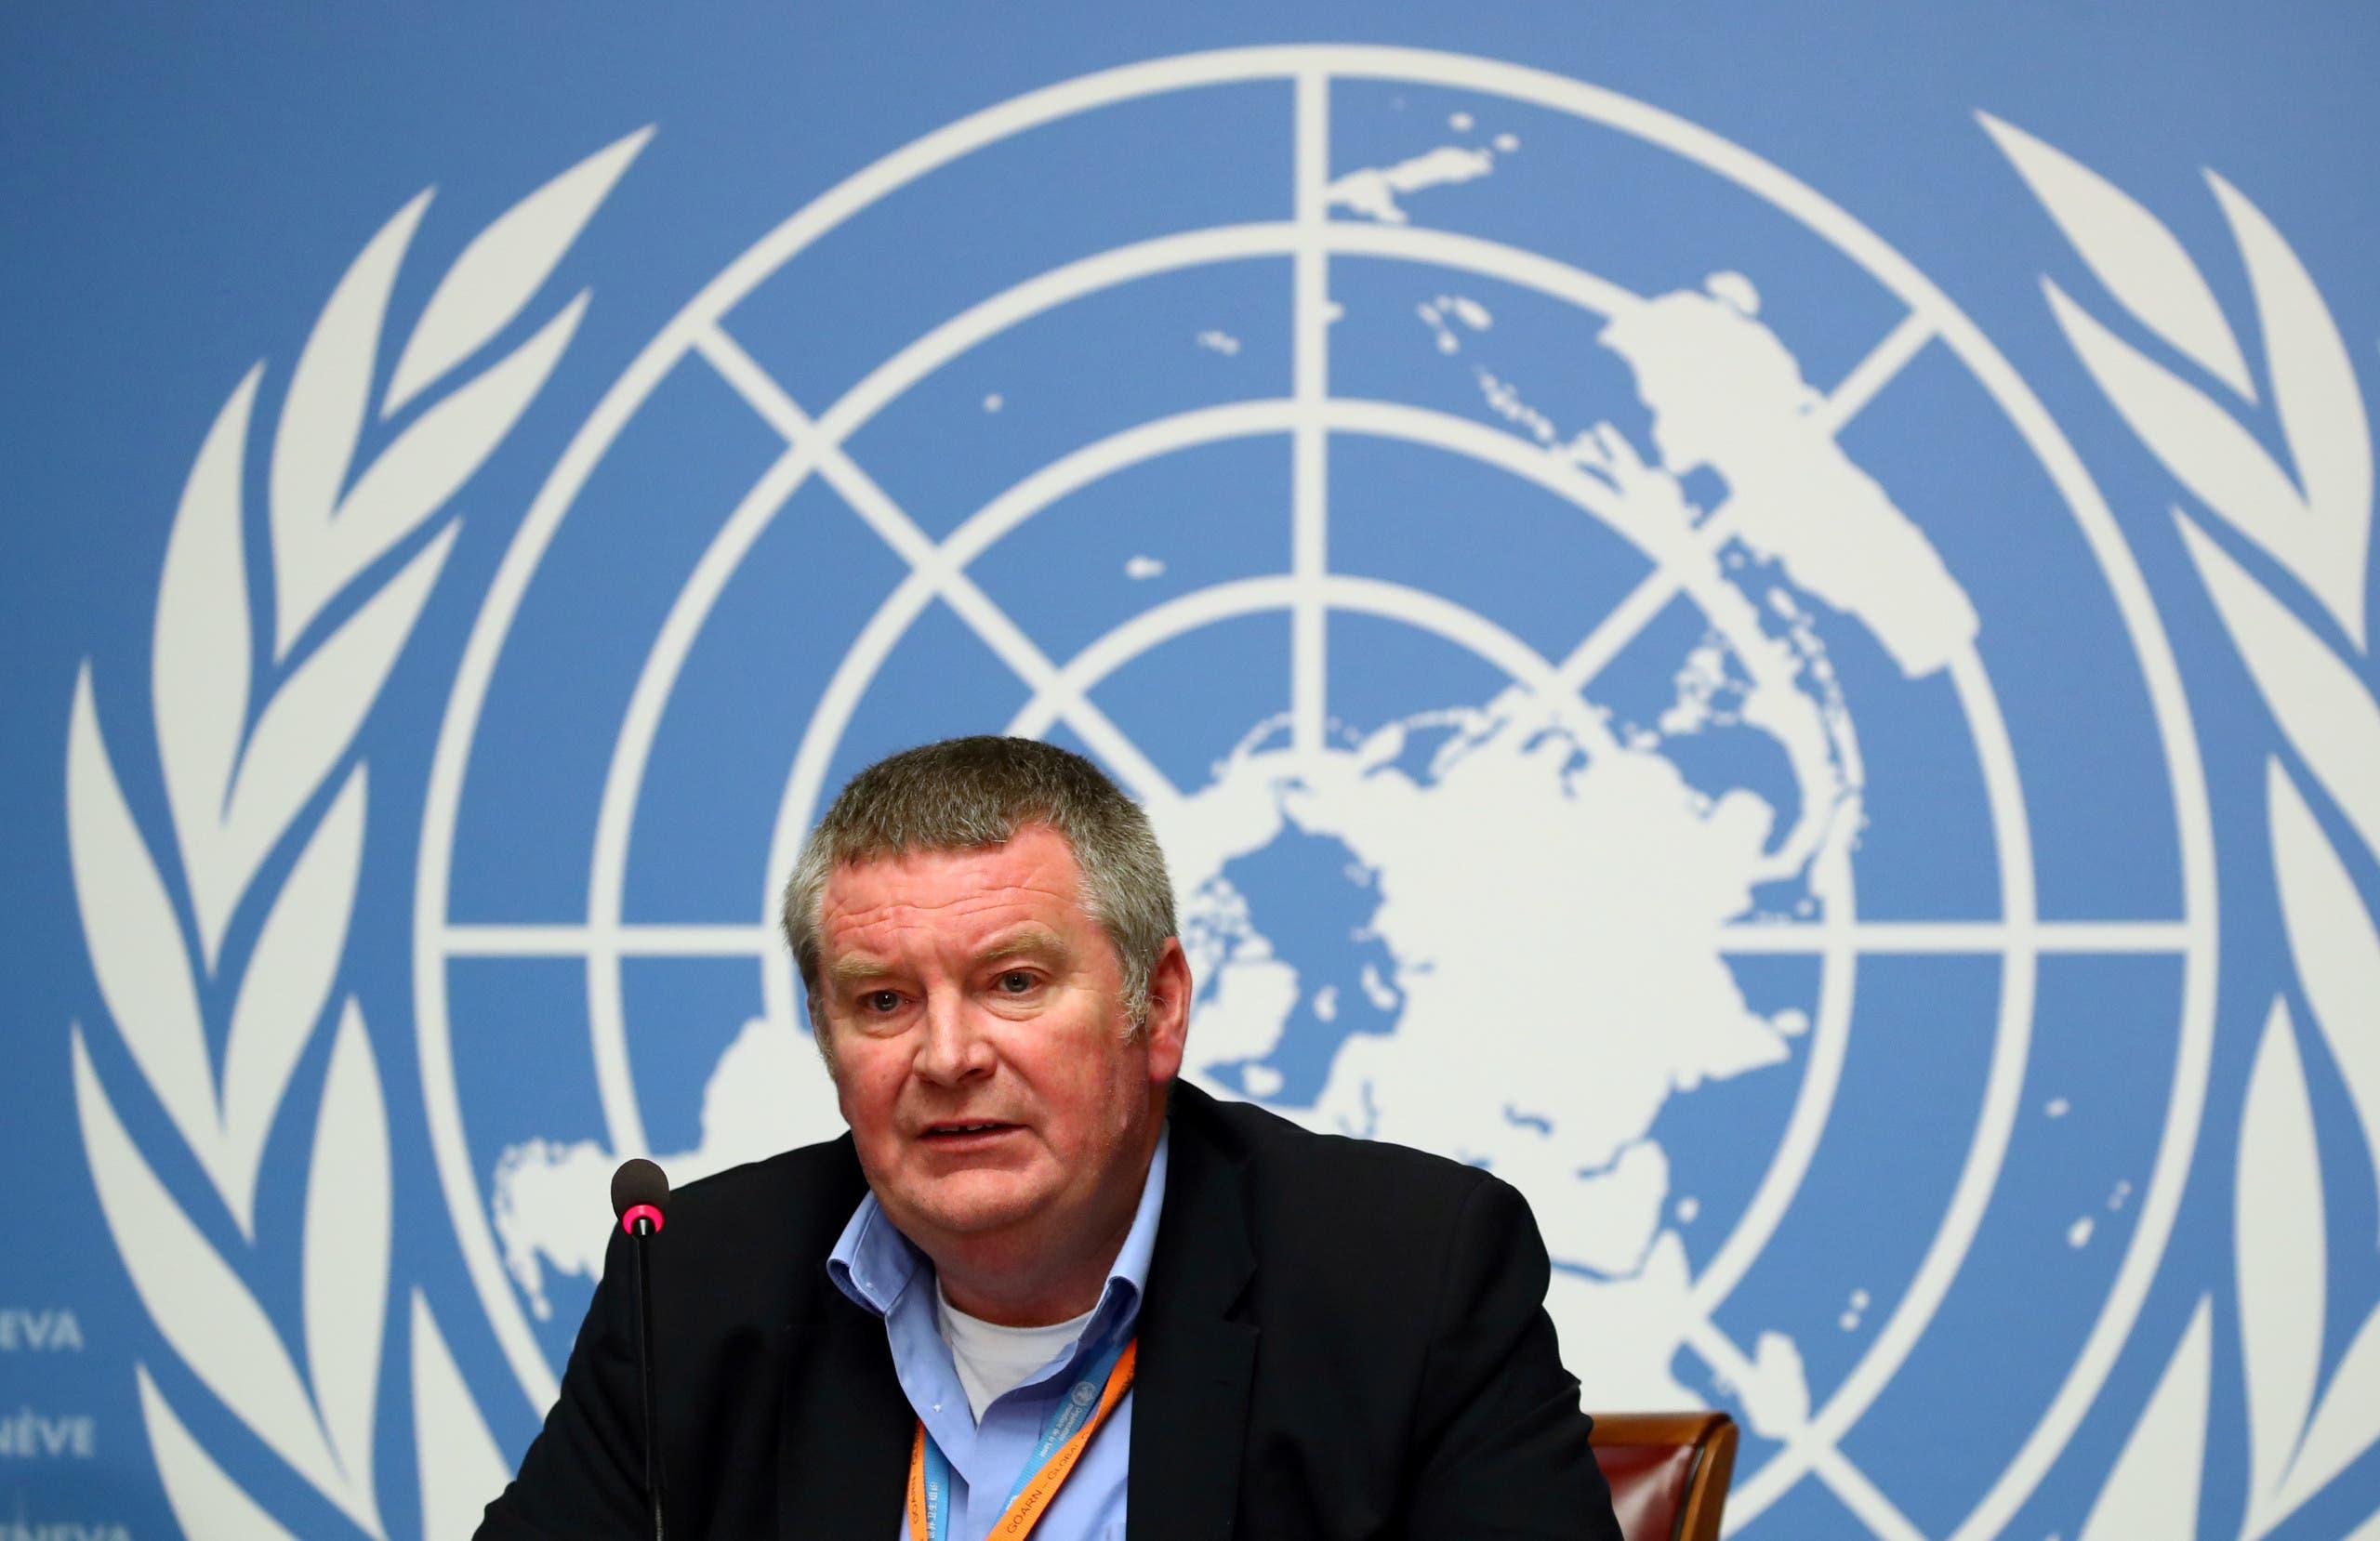 رئيس قسم الطوارئ بمنظمة الصحة العالمية الدكتور مايكل رايان